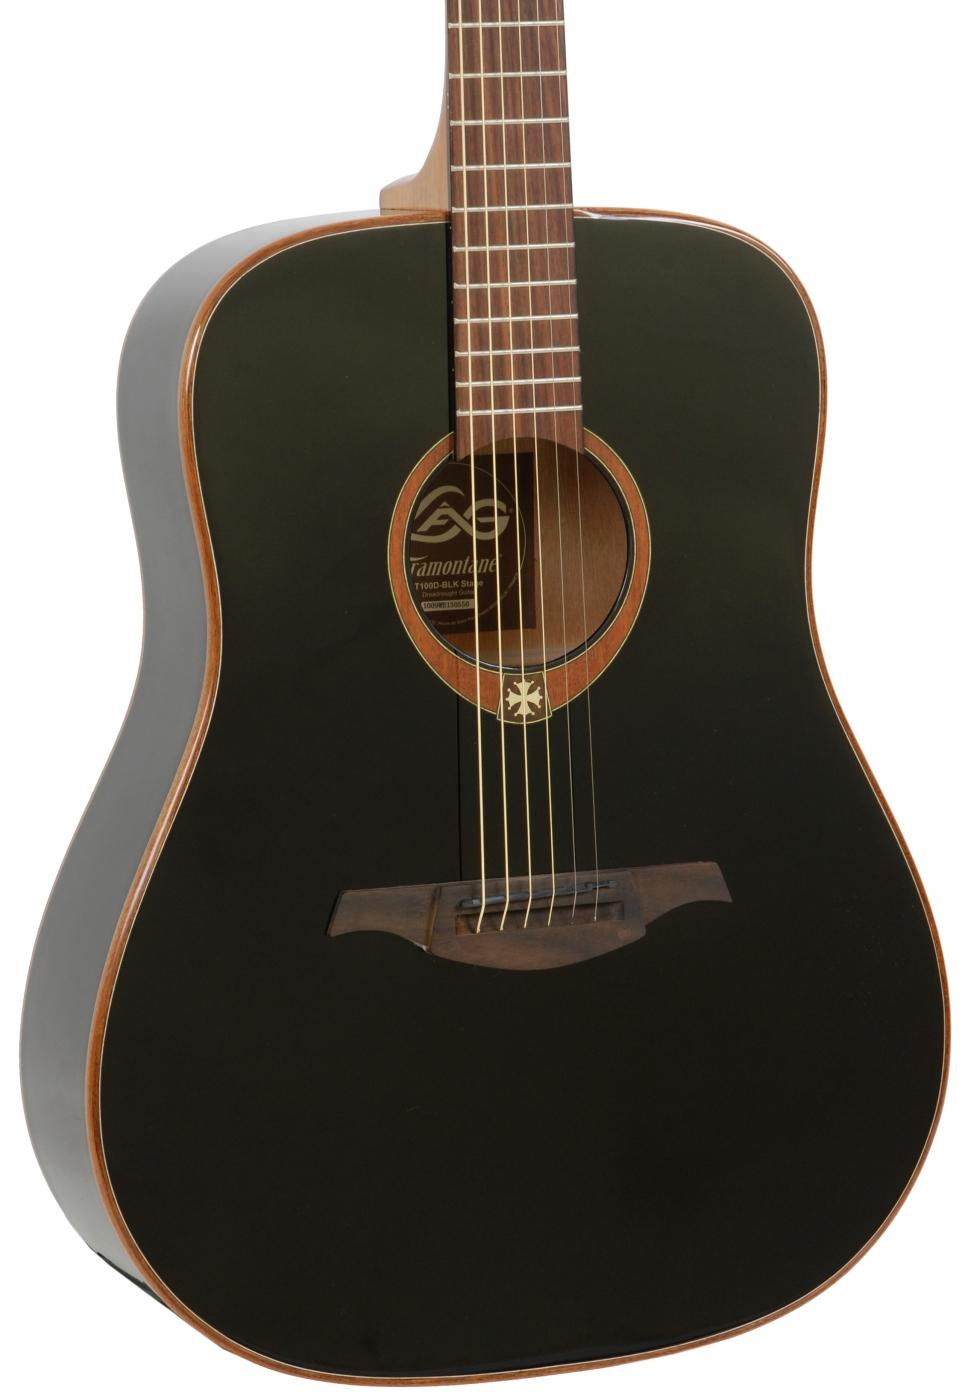 lag gla t100d blk acoustic guitar. Black Bedroom Furniture Sets. Home Design Ideas